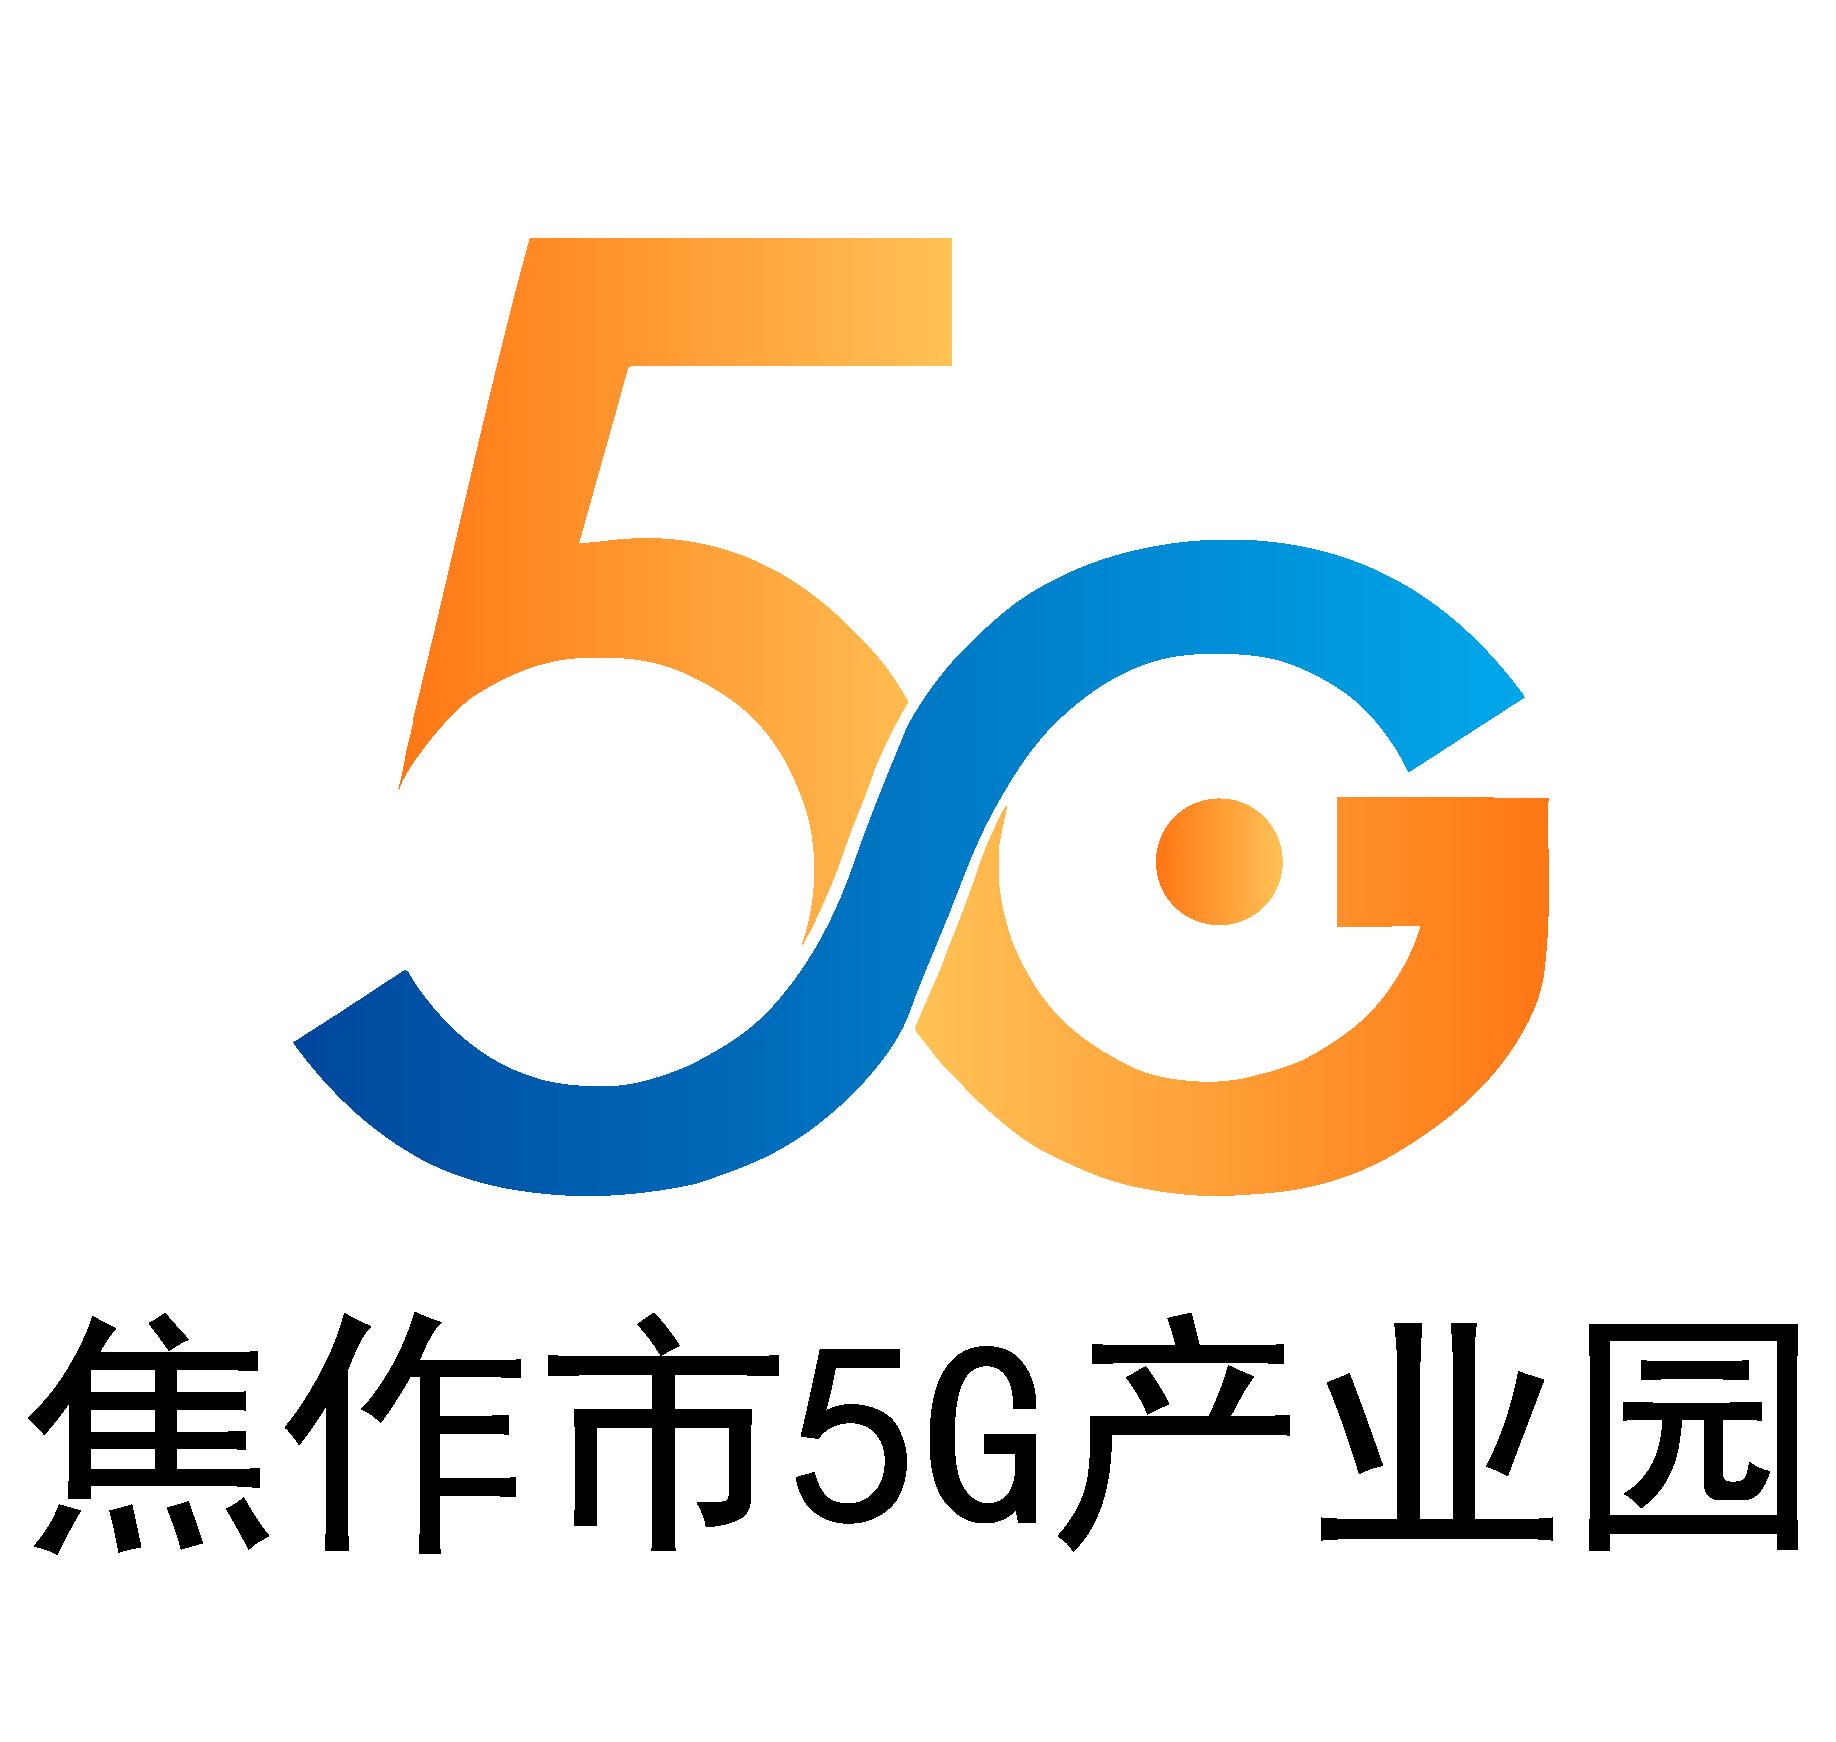 焦作市5G产业园